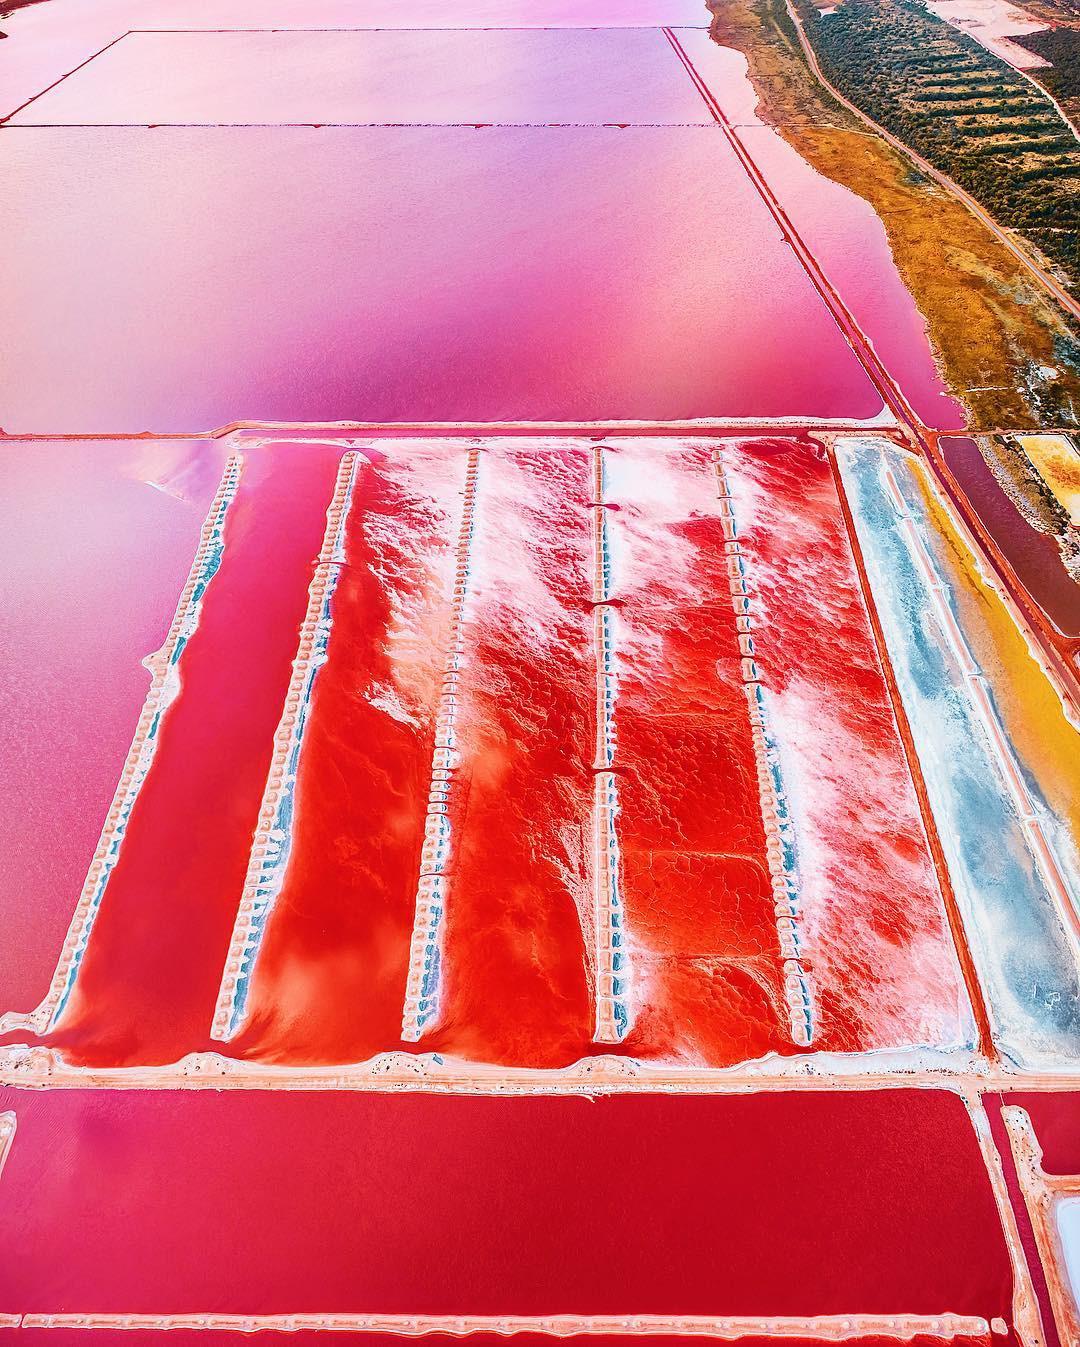 Tương truyền rằng chàng trai nào dẫn bạn gái đến hồ nước màu hồng siêu ảo này sẽ được cô ấy yêu trọn đời - Ảnh 5.